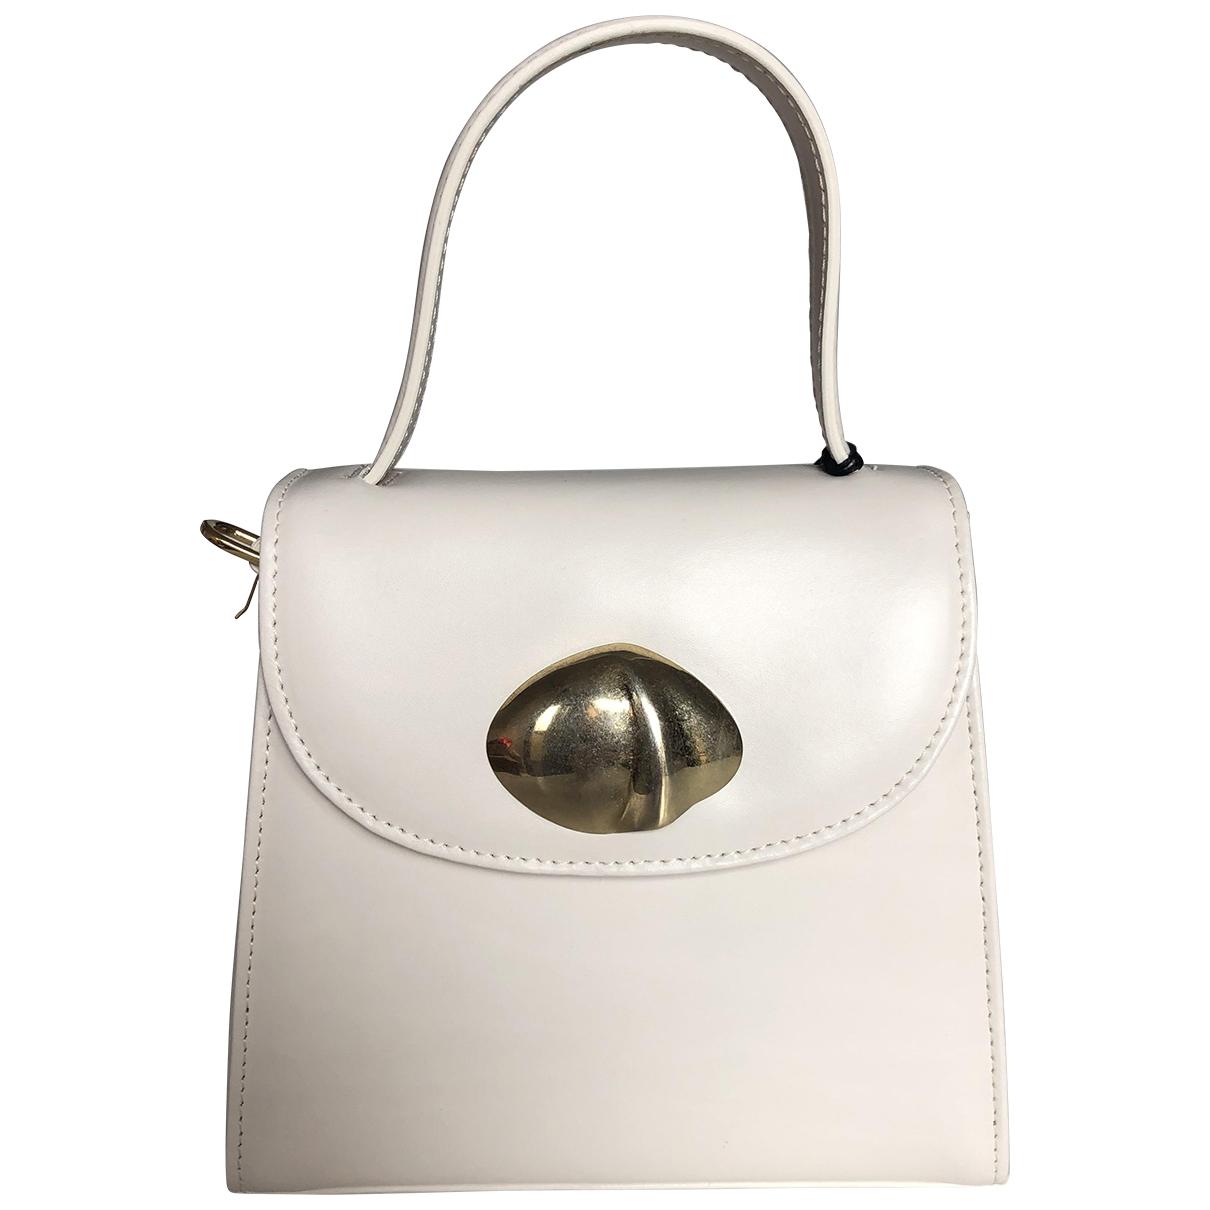 Little Liffner \N White Leather handbag for Women \N